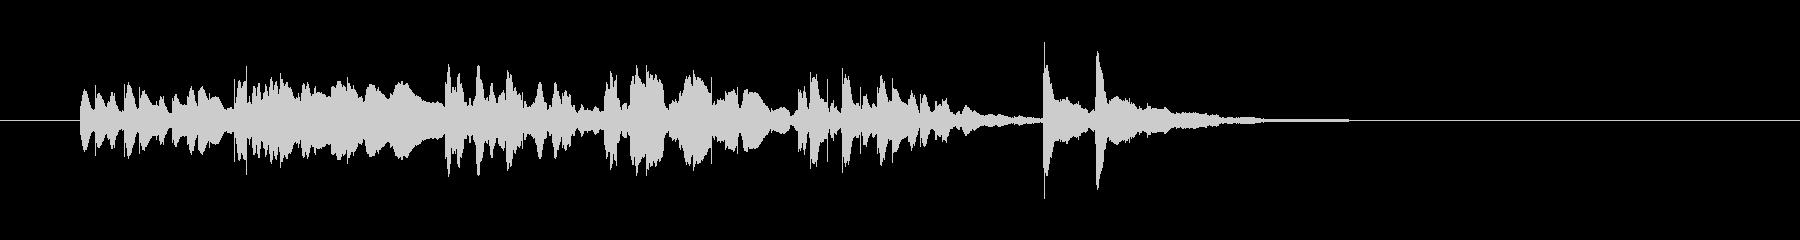 軽やか木琴打楽器音(アニメ、ジングル)の未再生の波形